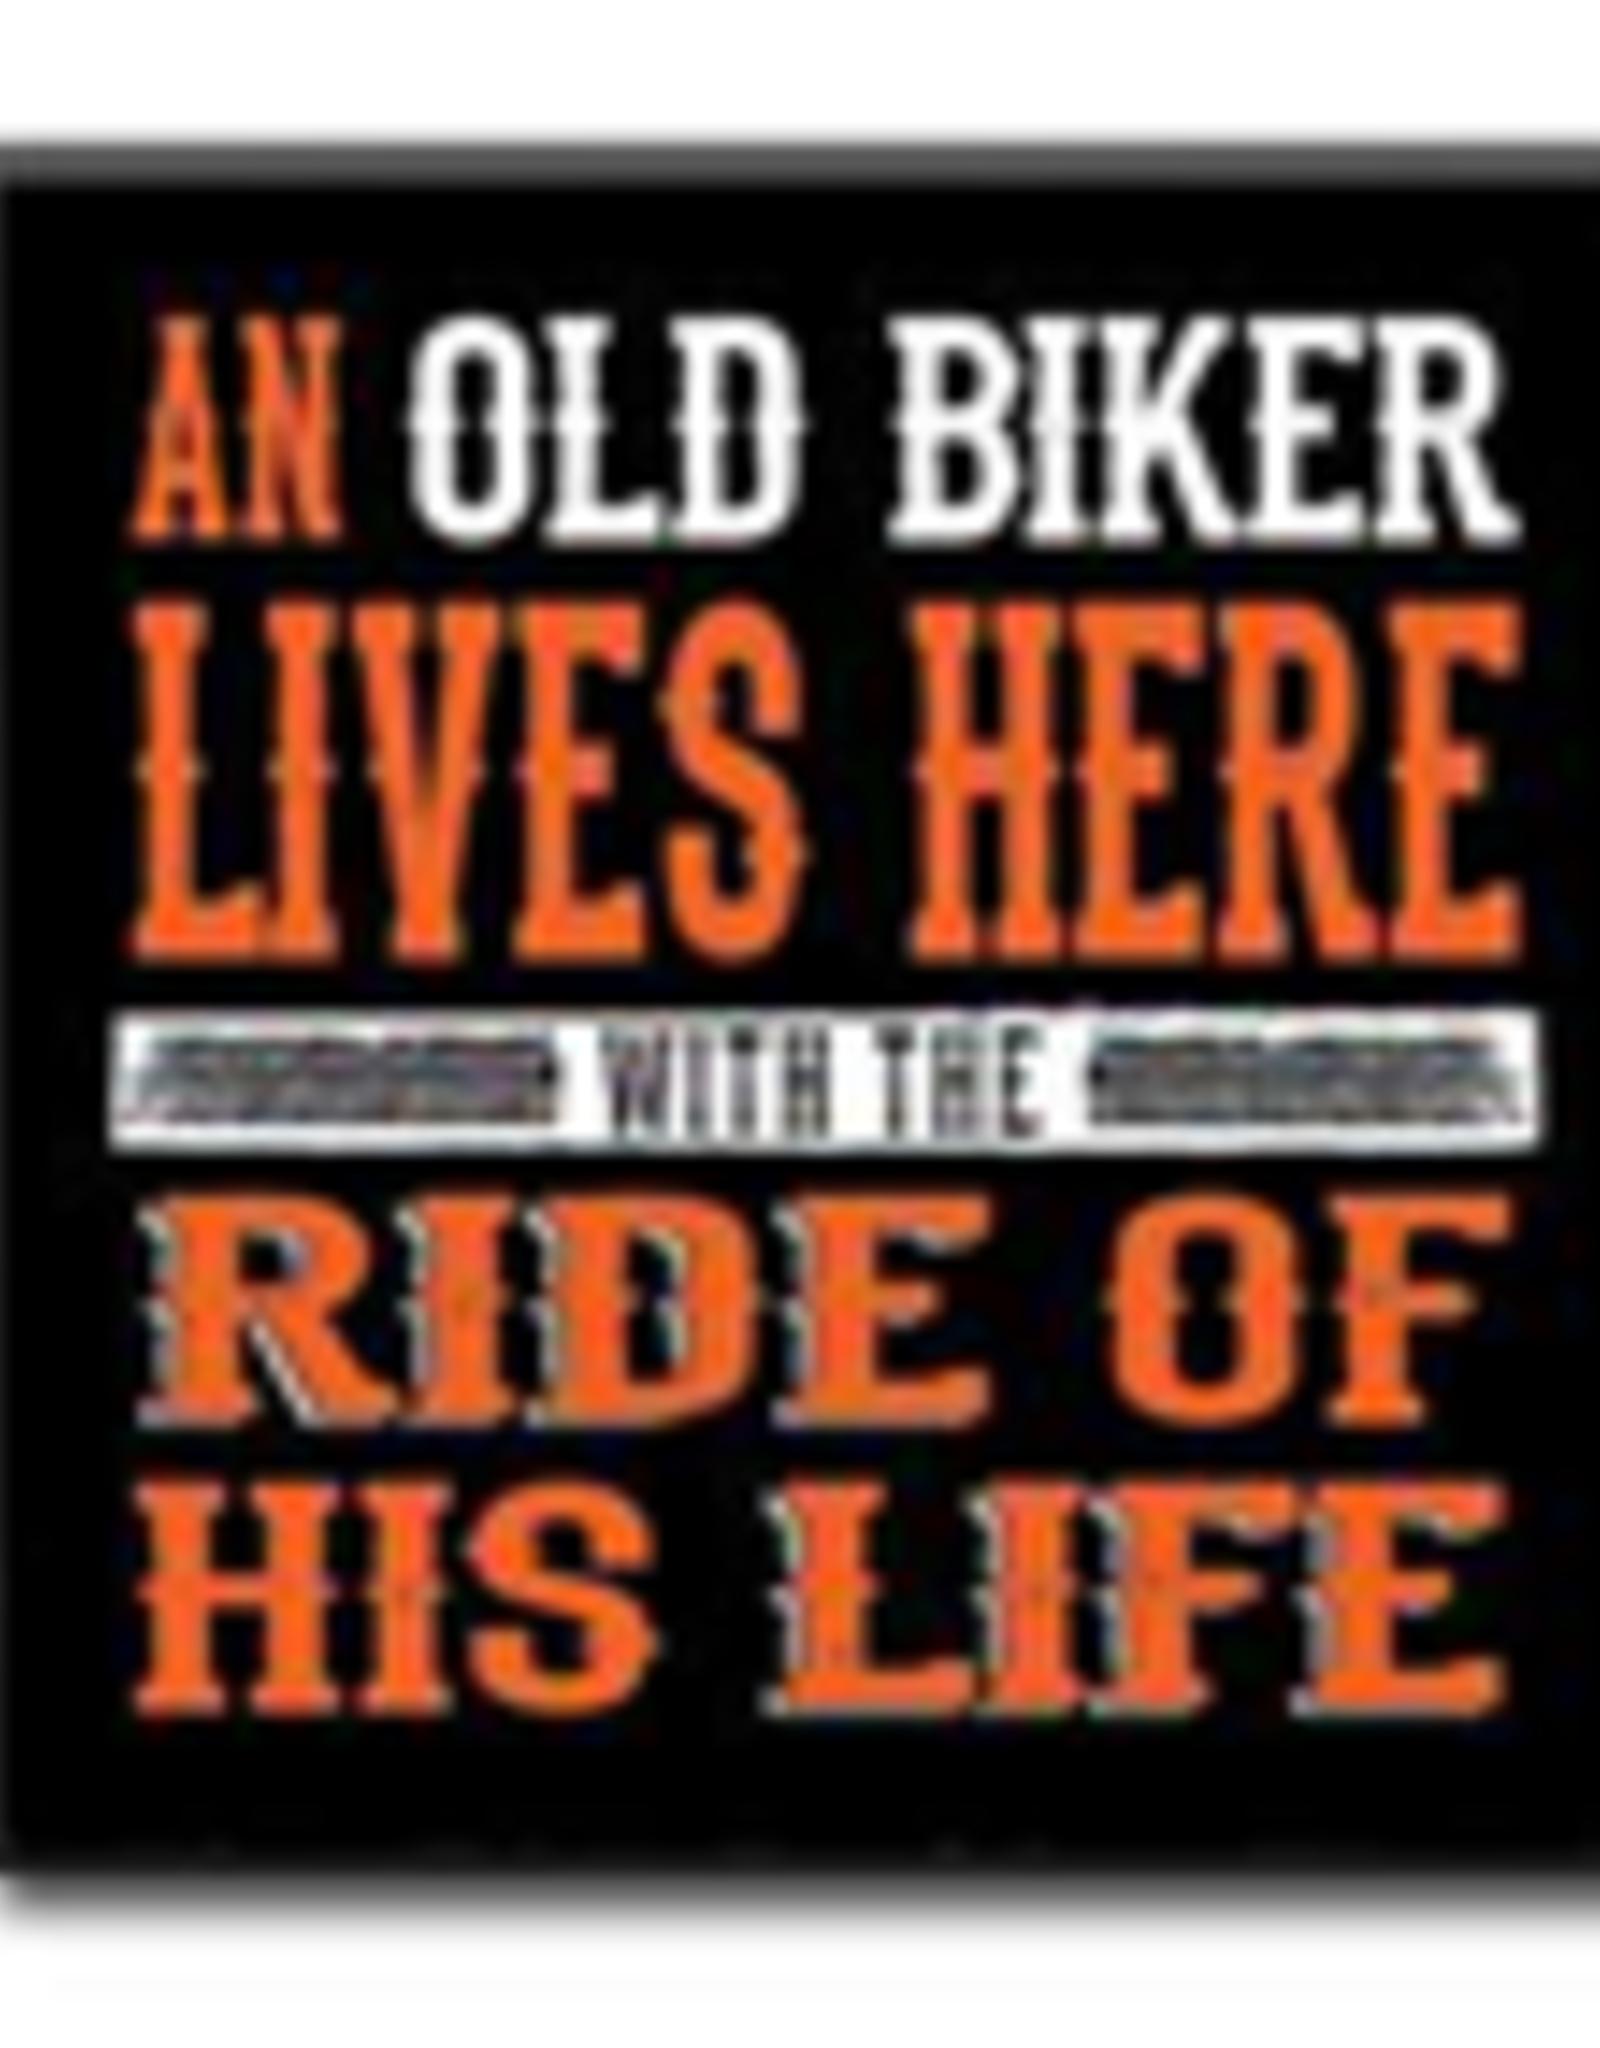 An Old Biker Lives Here 4x4